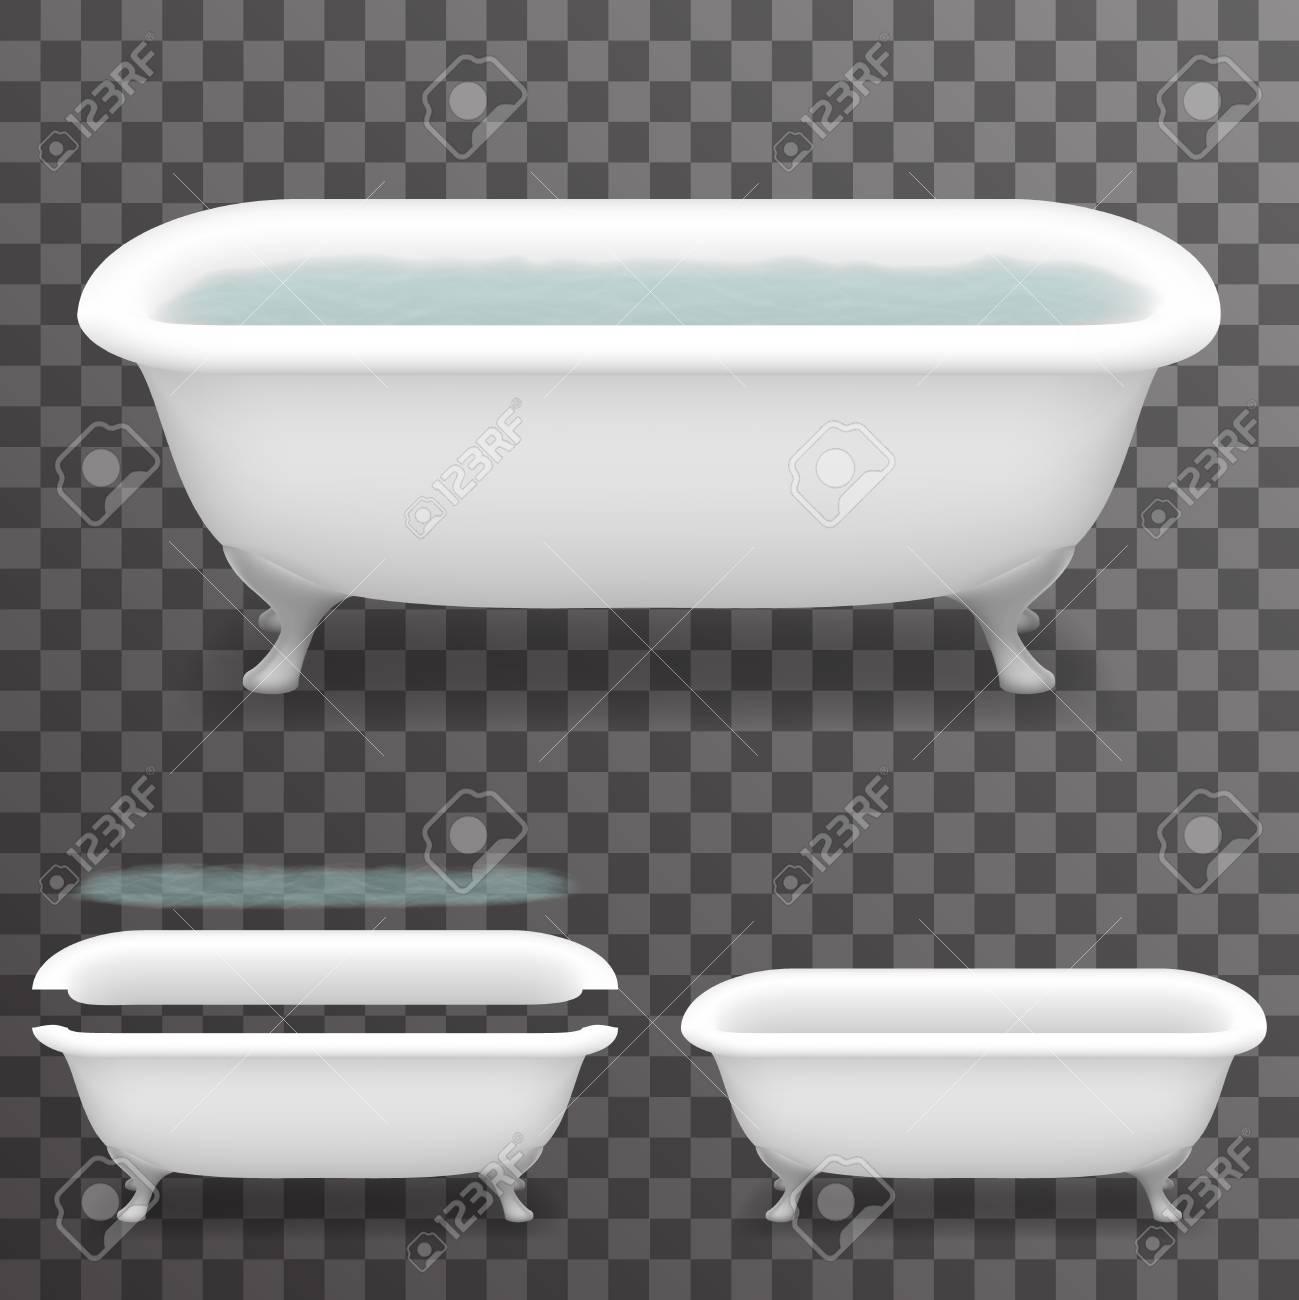 Modelli Vasca Da Bagno.Bagno Retro Con Acqua Realistic 3d Parallax Vasca Da Bagno Sfondo Trasparente Modello Mock Up Design Illustrazione Vettoriale